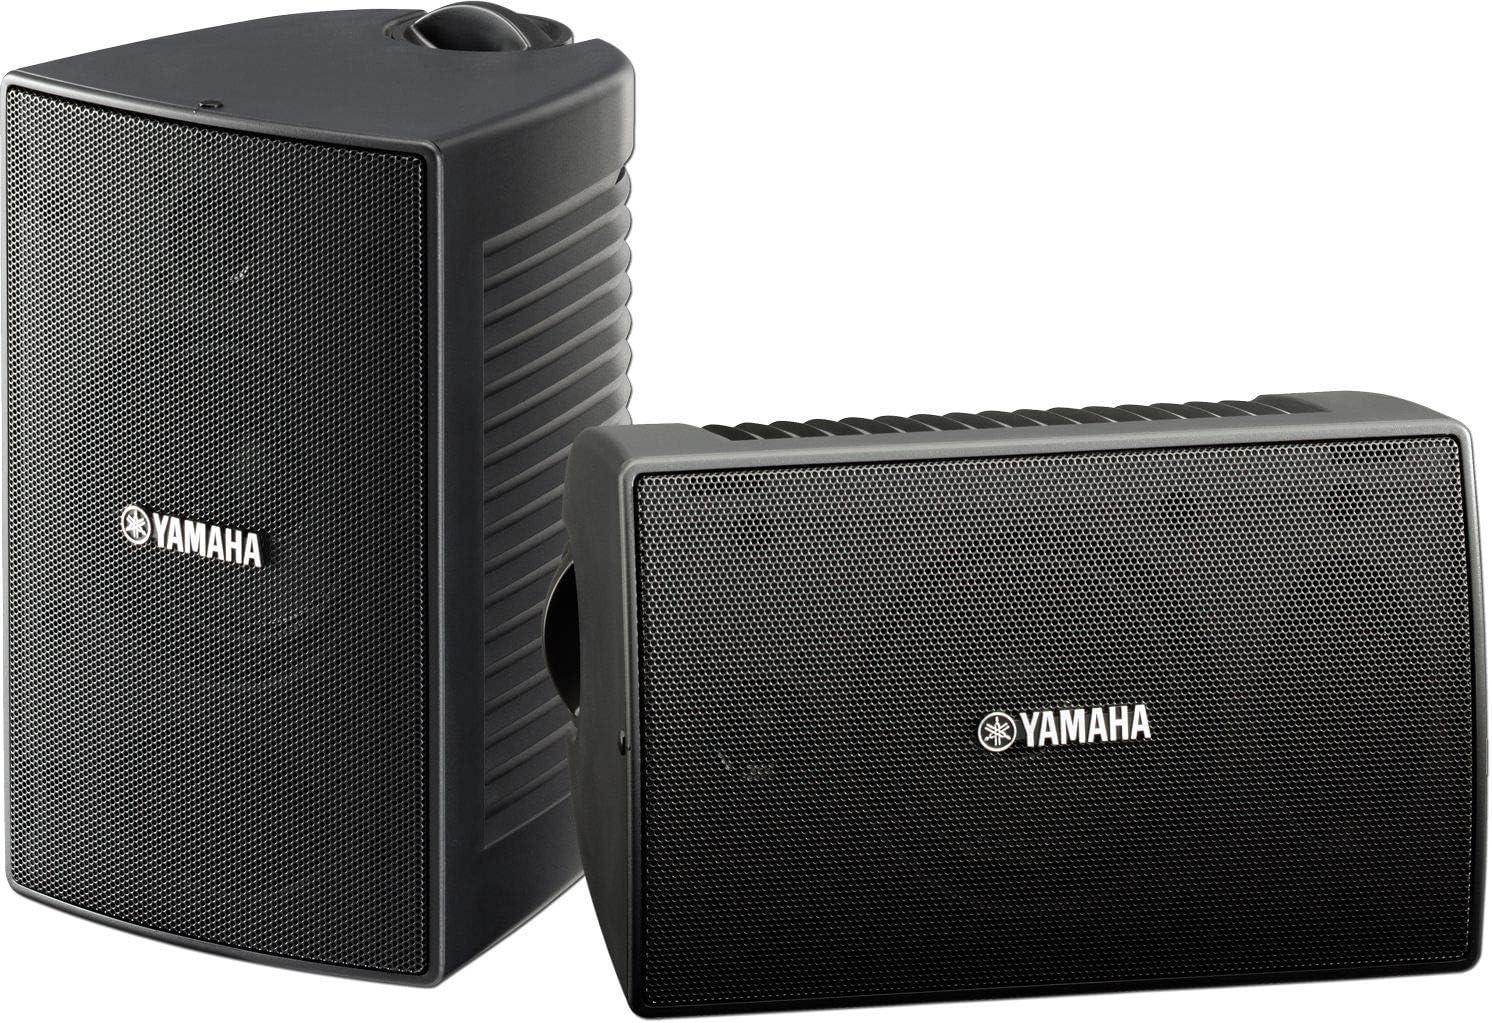 Renewed Yamaha NS-AW294BL Indoor//Outdoor 2-Way Speakers Black,2